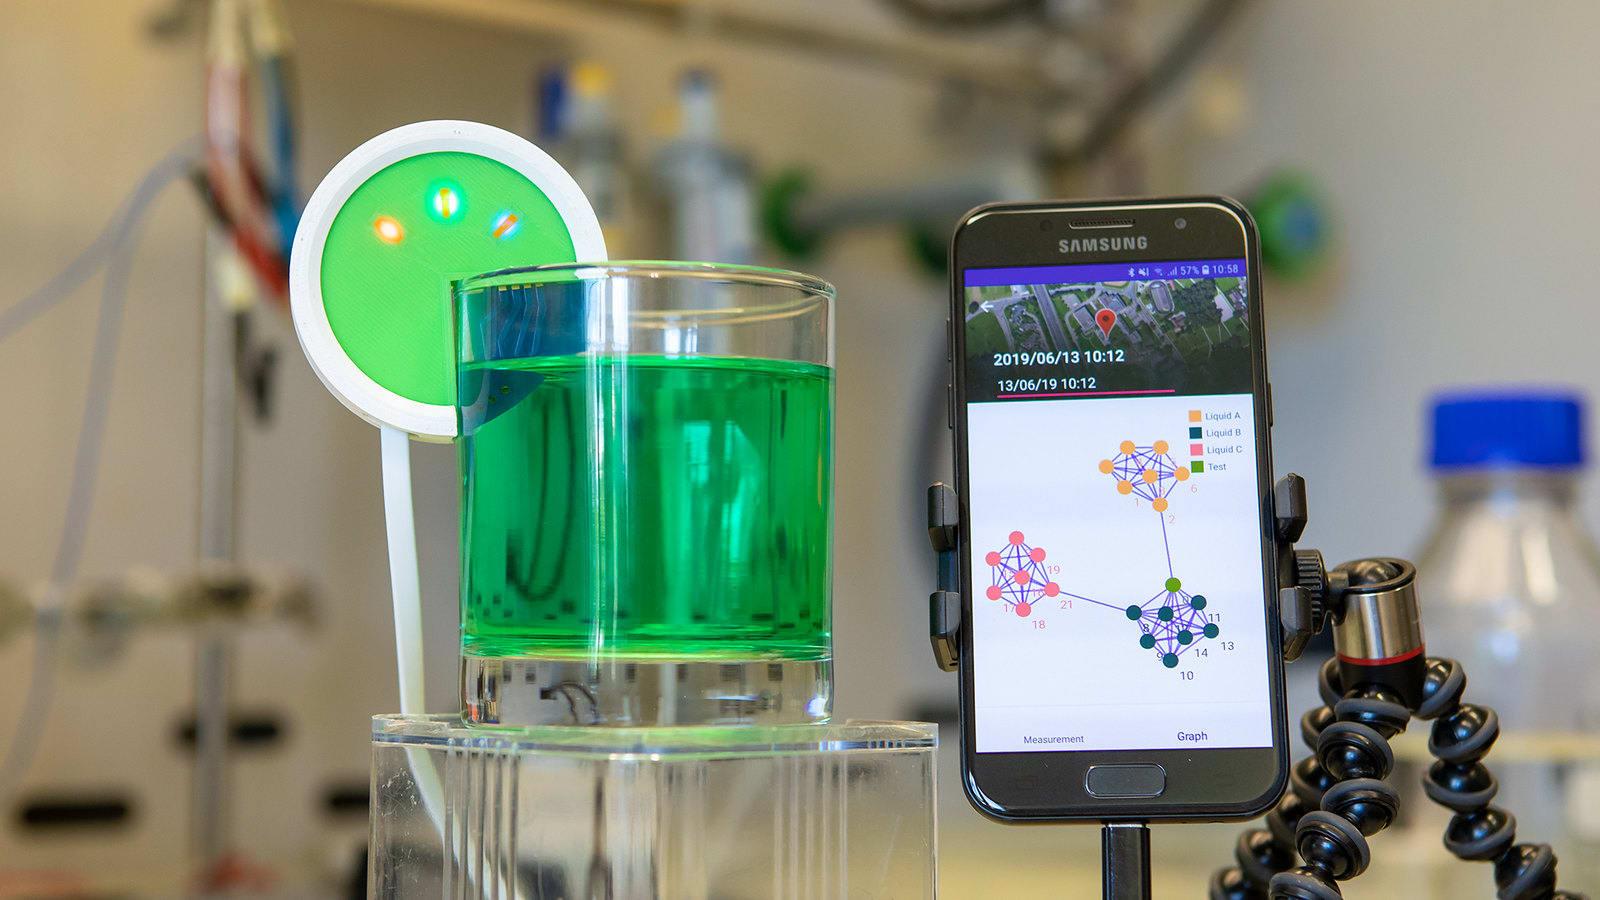 IBM built a robotic tongue to taste test hazardous chemicals